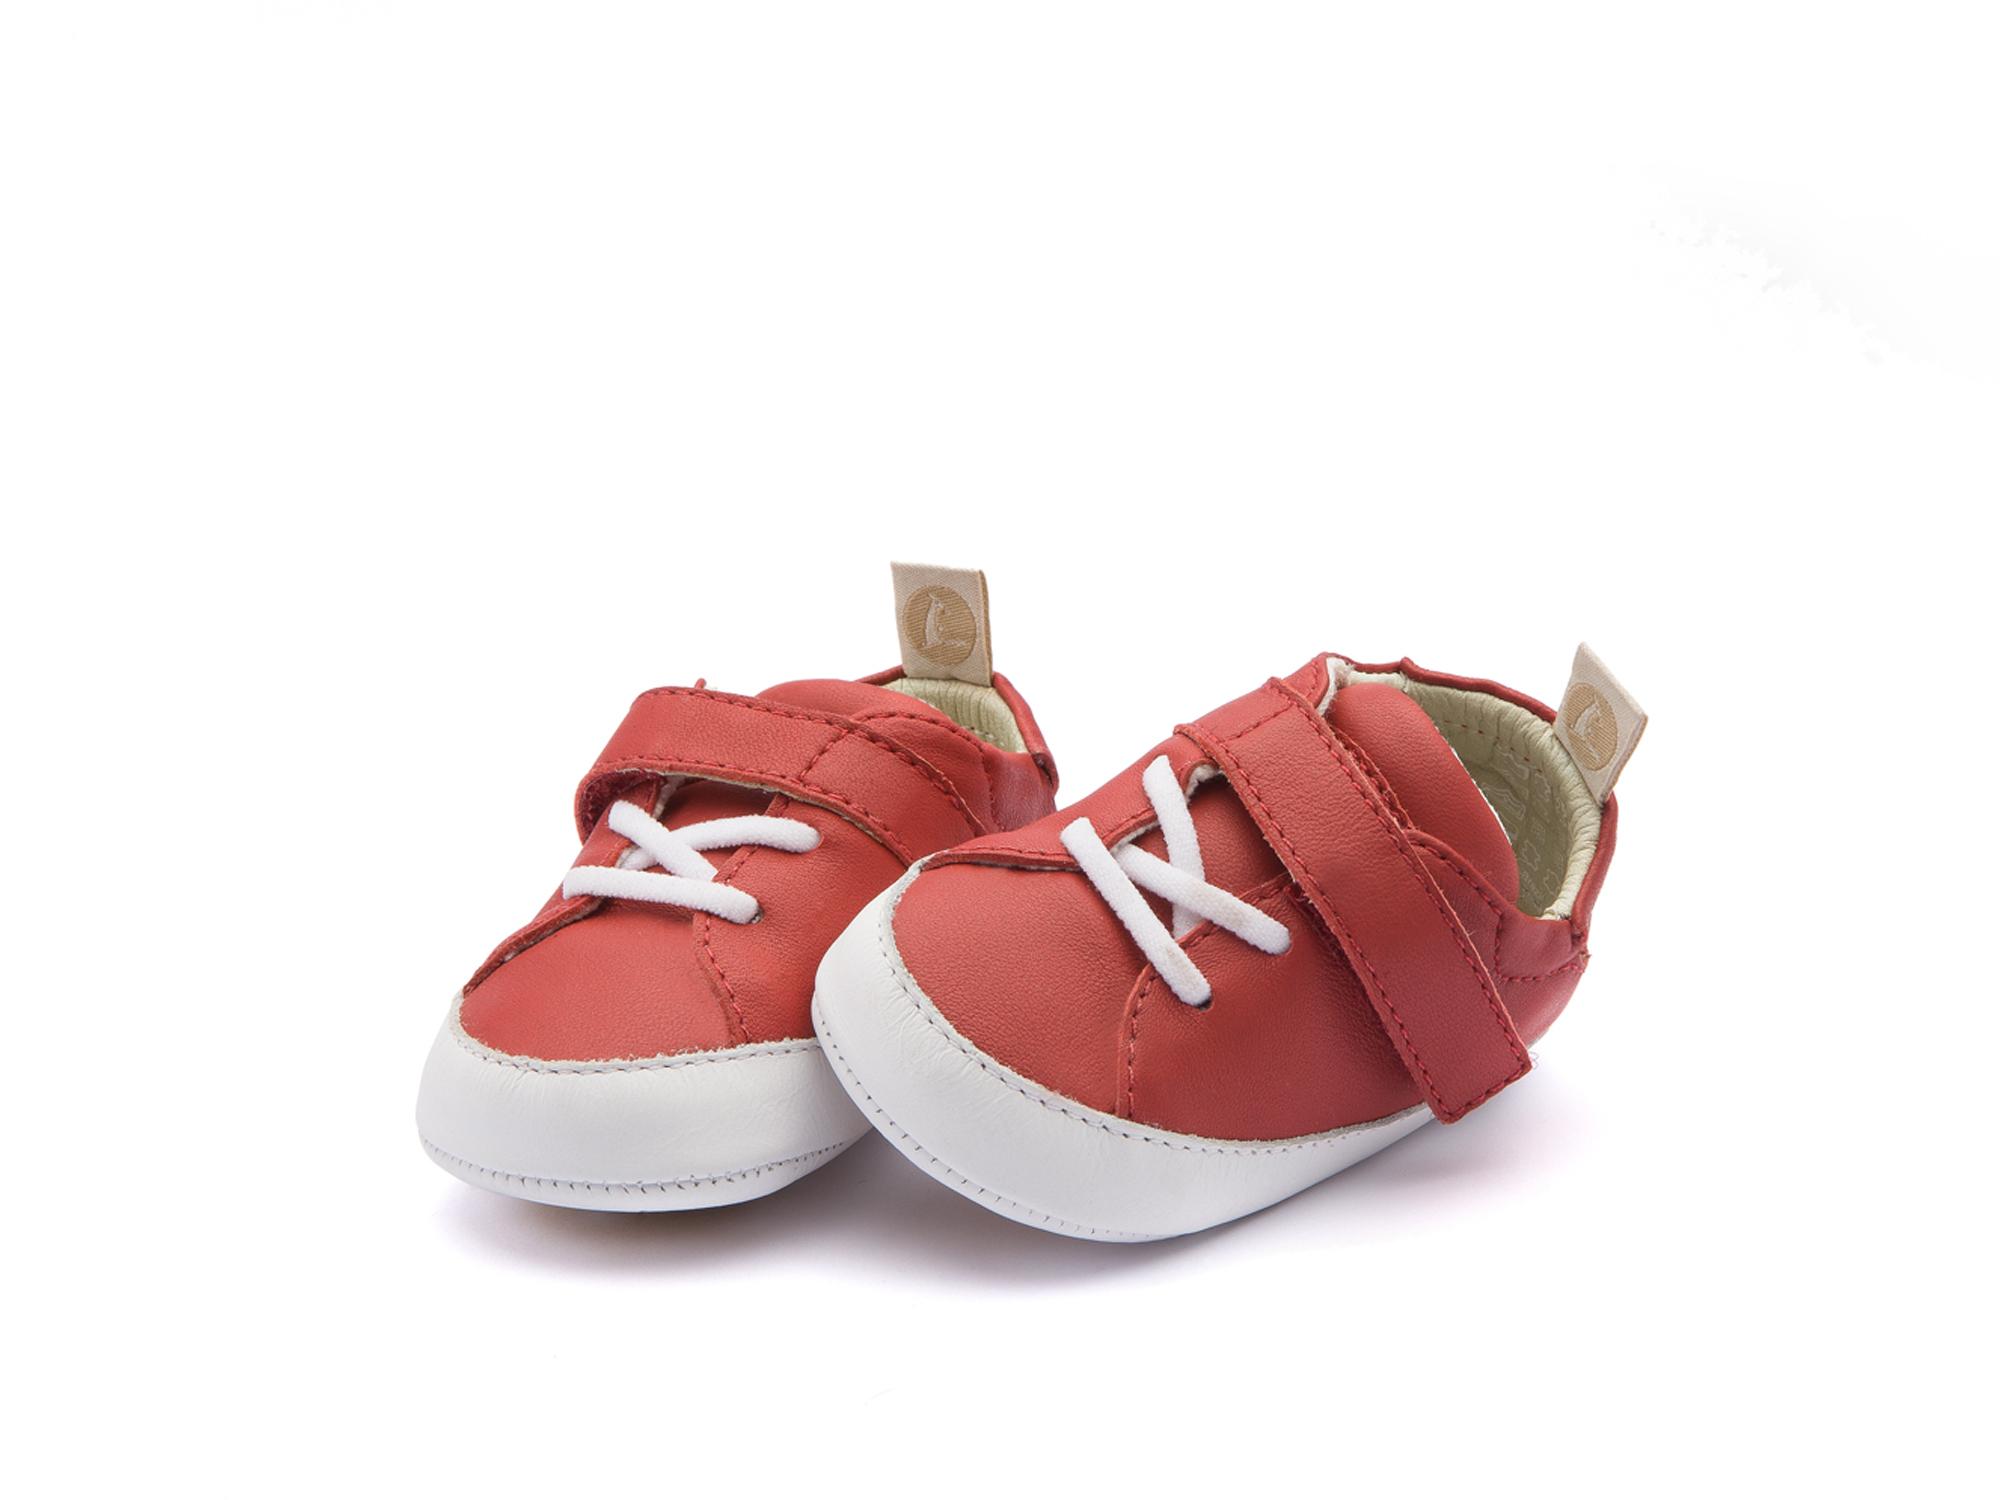 Tênis Light Pomo/ White Baby 0 à 2 anos - 1